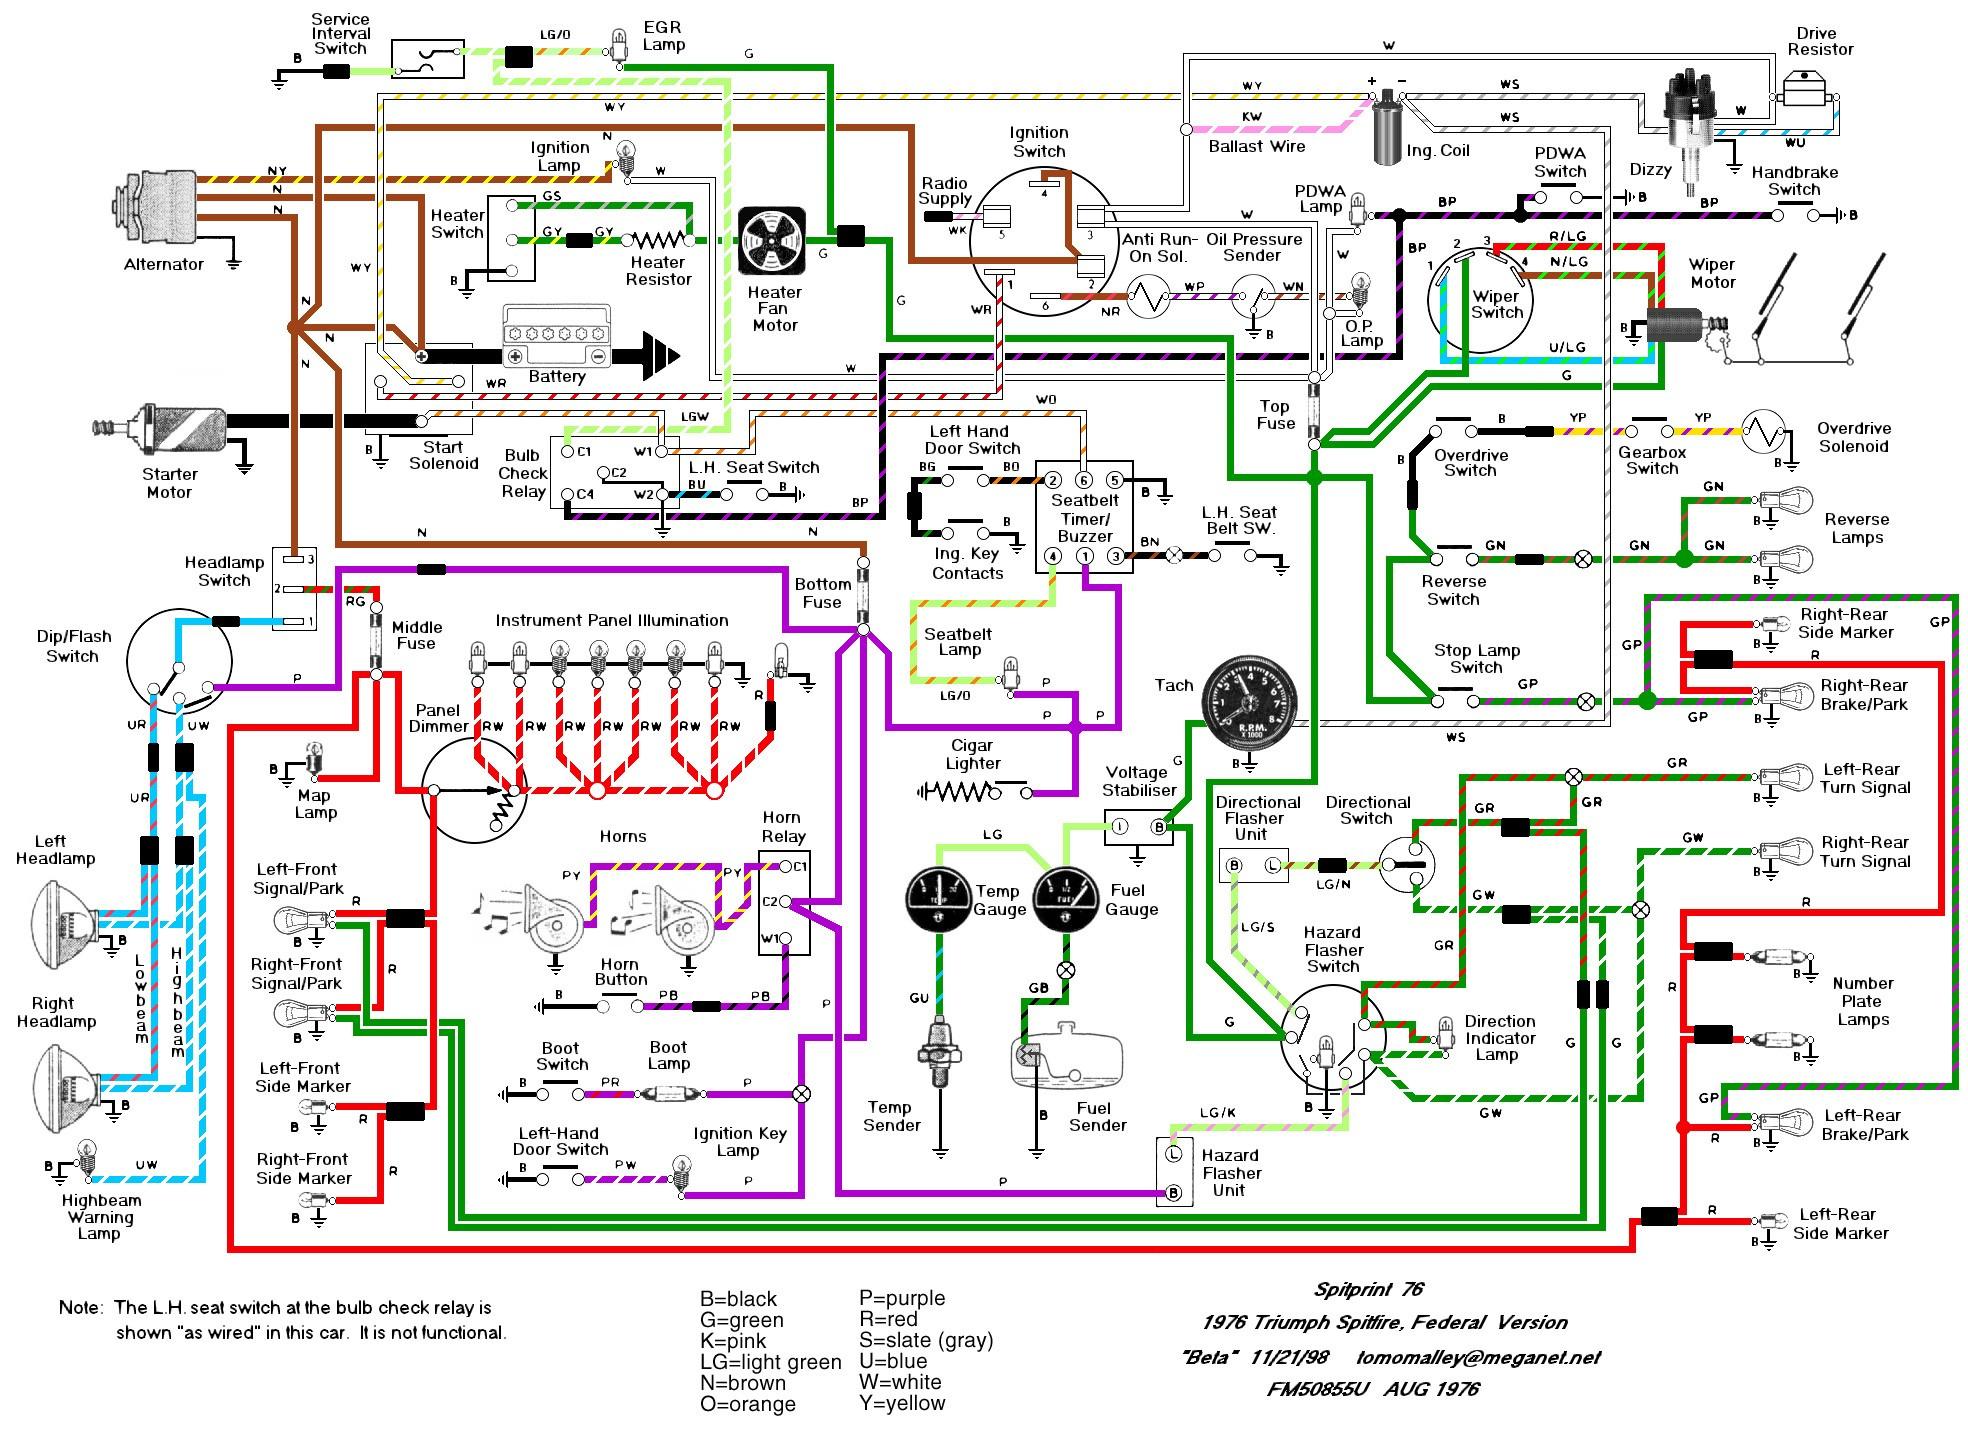 Vehicle Wiring Diagram App - Data Wiring Diagram Schematic - Wiring Diagram Software